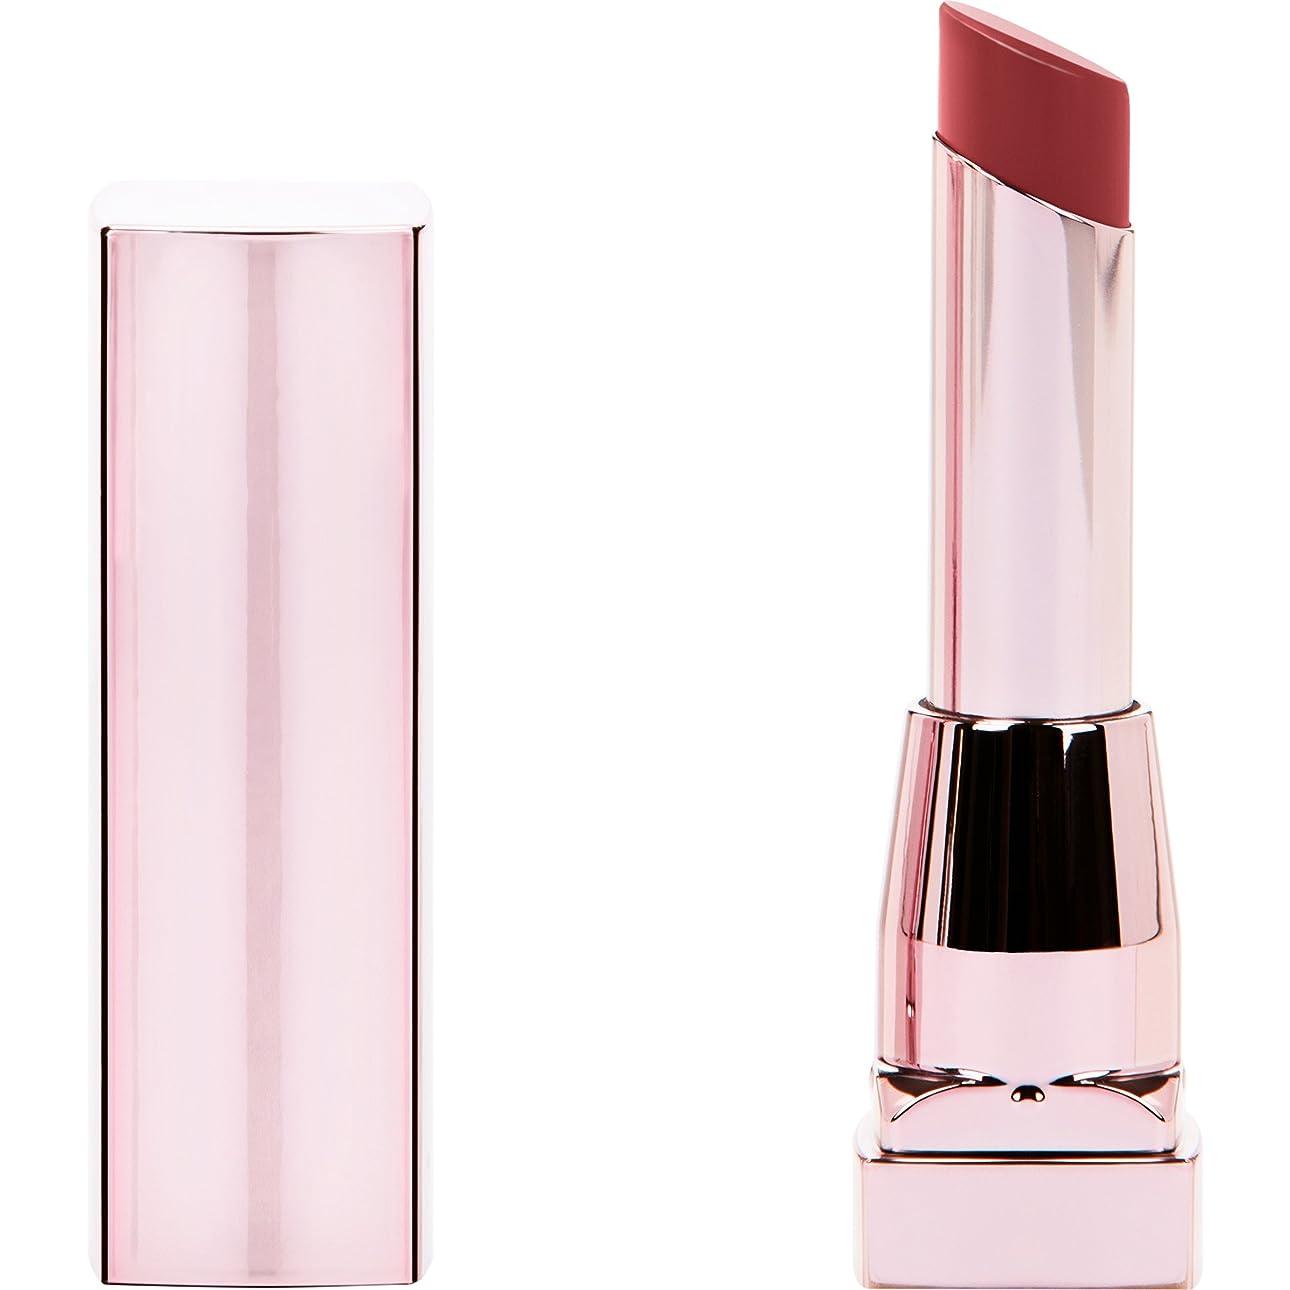 取り消すあからさま野なMAYBELLINE Color Sensational Shine Compulsion Lipstick - Scarlet Flame 090 (並行輸入品)